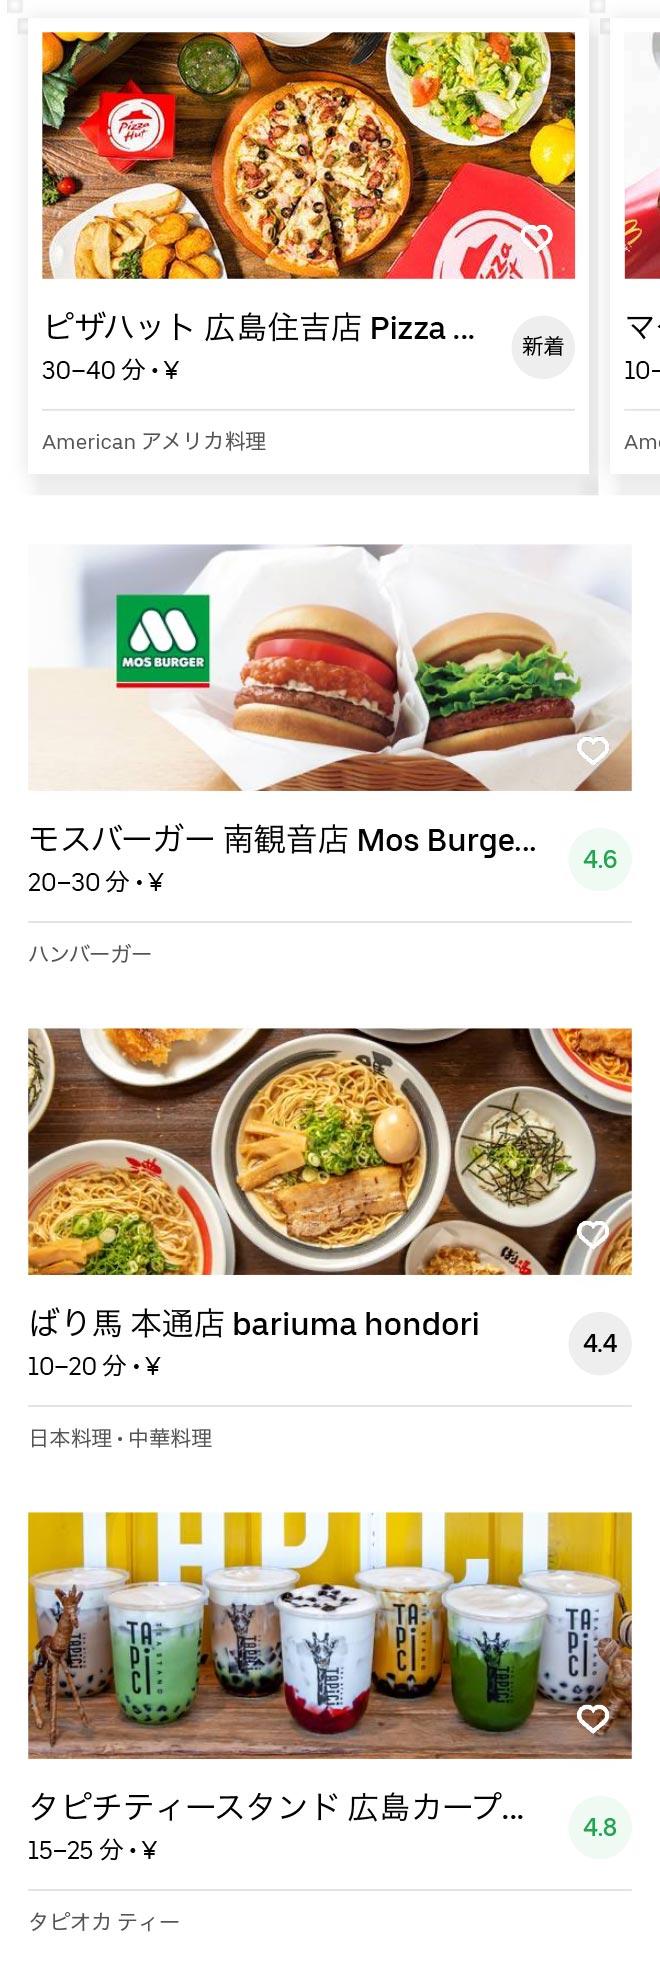 Hiroshima toukaimachi menu 2005 03